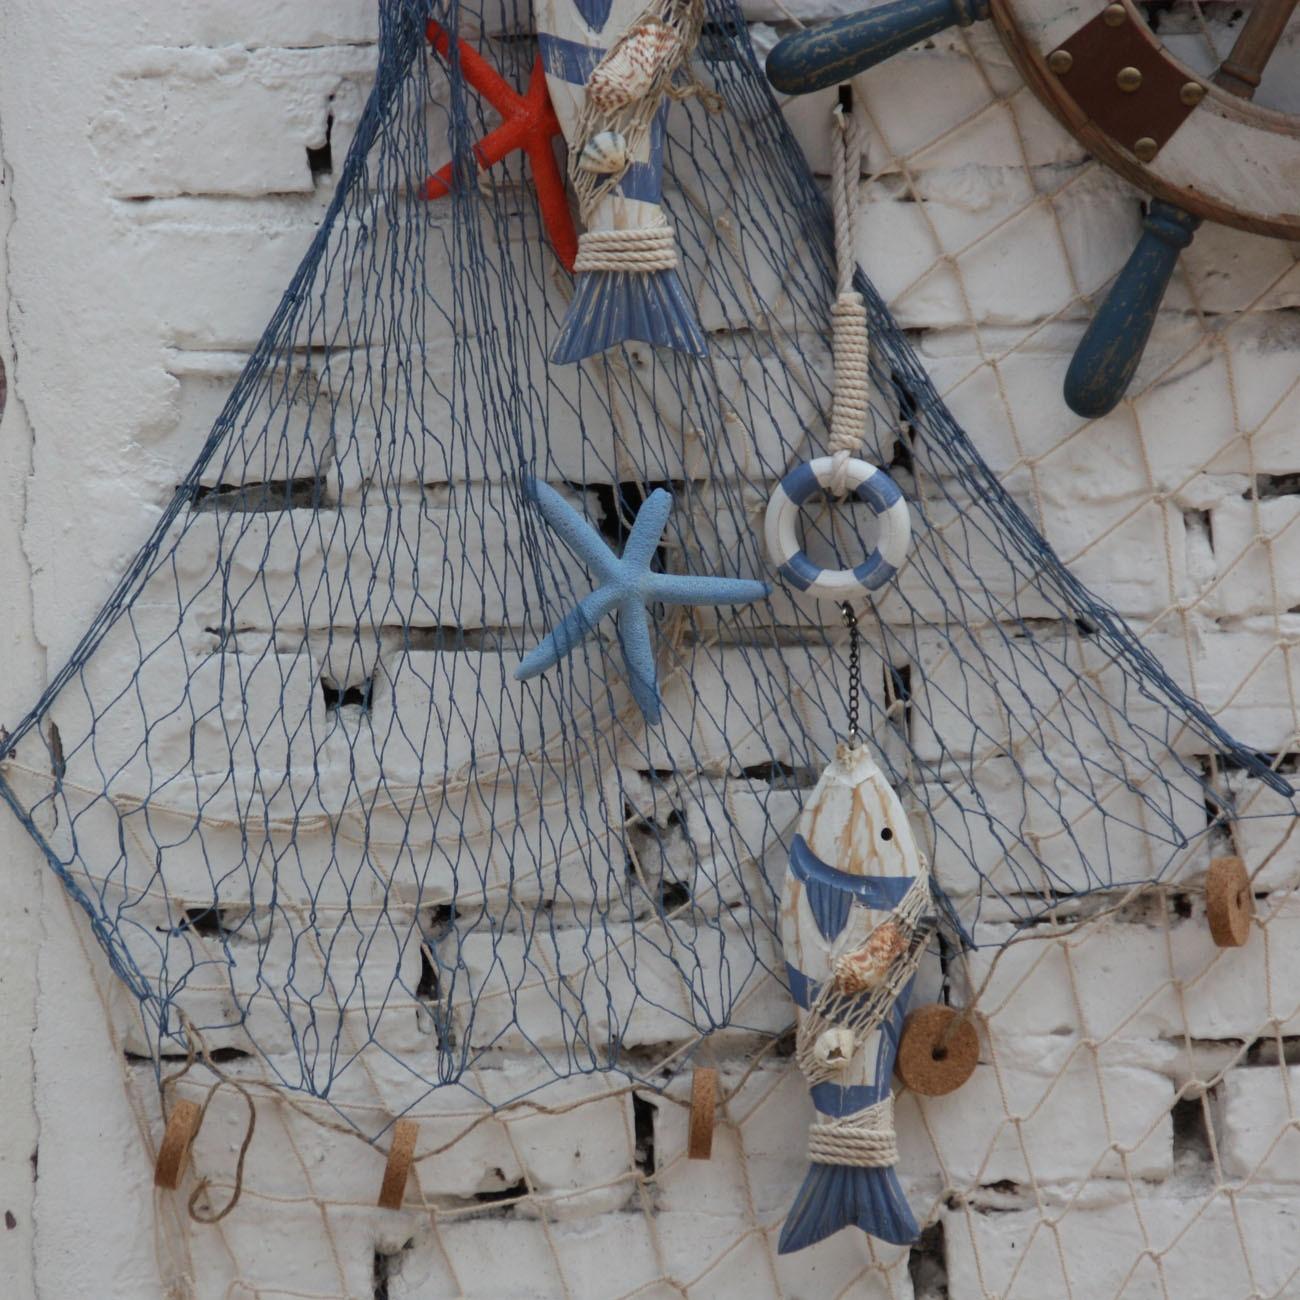 Decorative Fish Netting Aliexpresscom Buy Cotton Handmade Knitted Fishing Net Leptonema